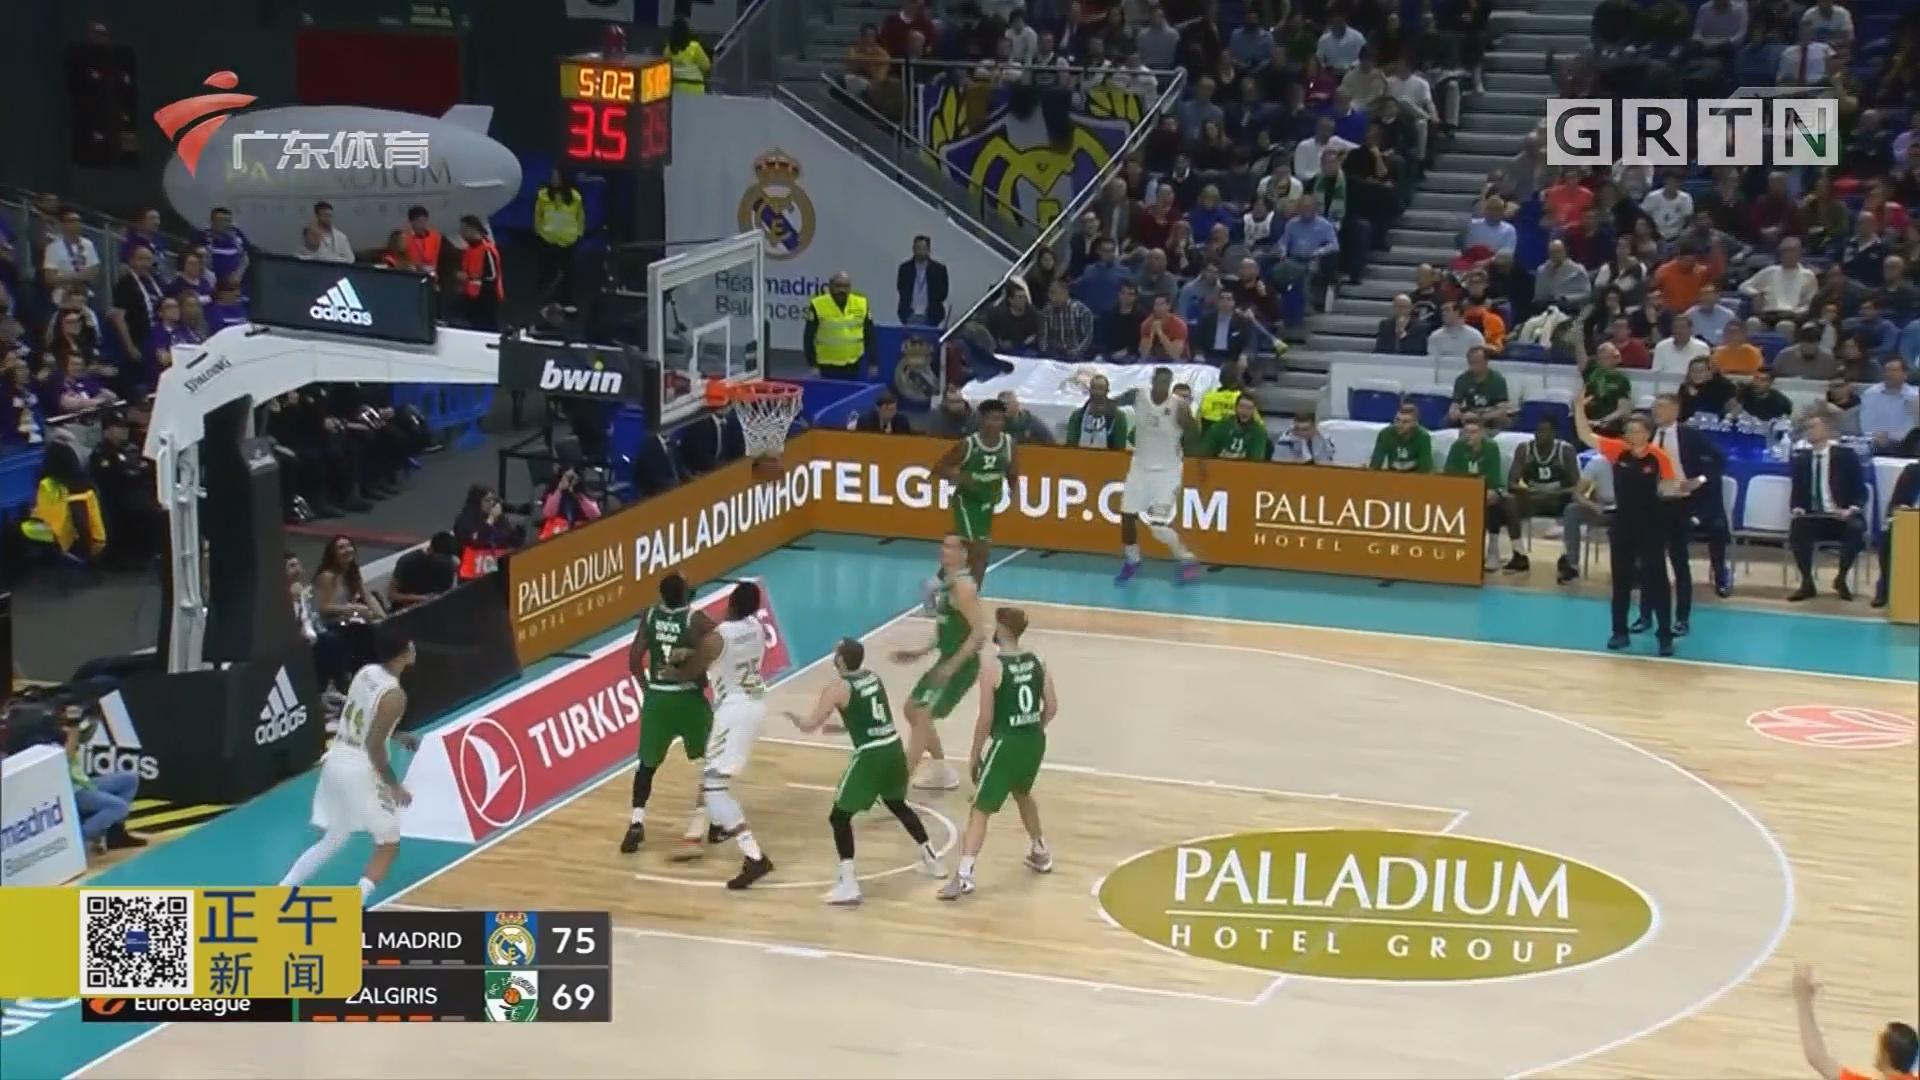 欧冠篮球联赛 皇家马德里豪取13连胜